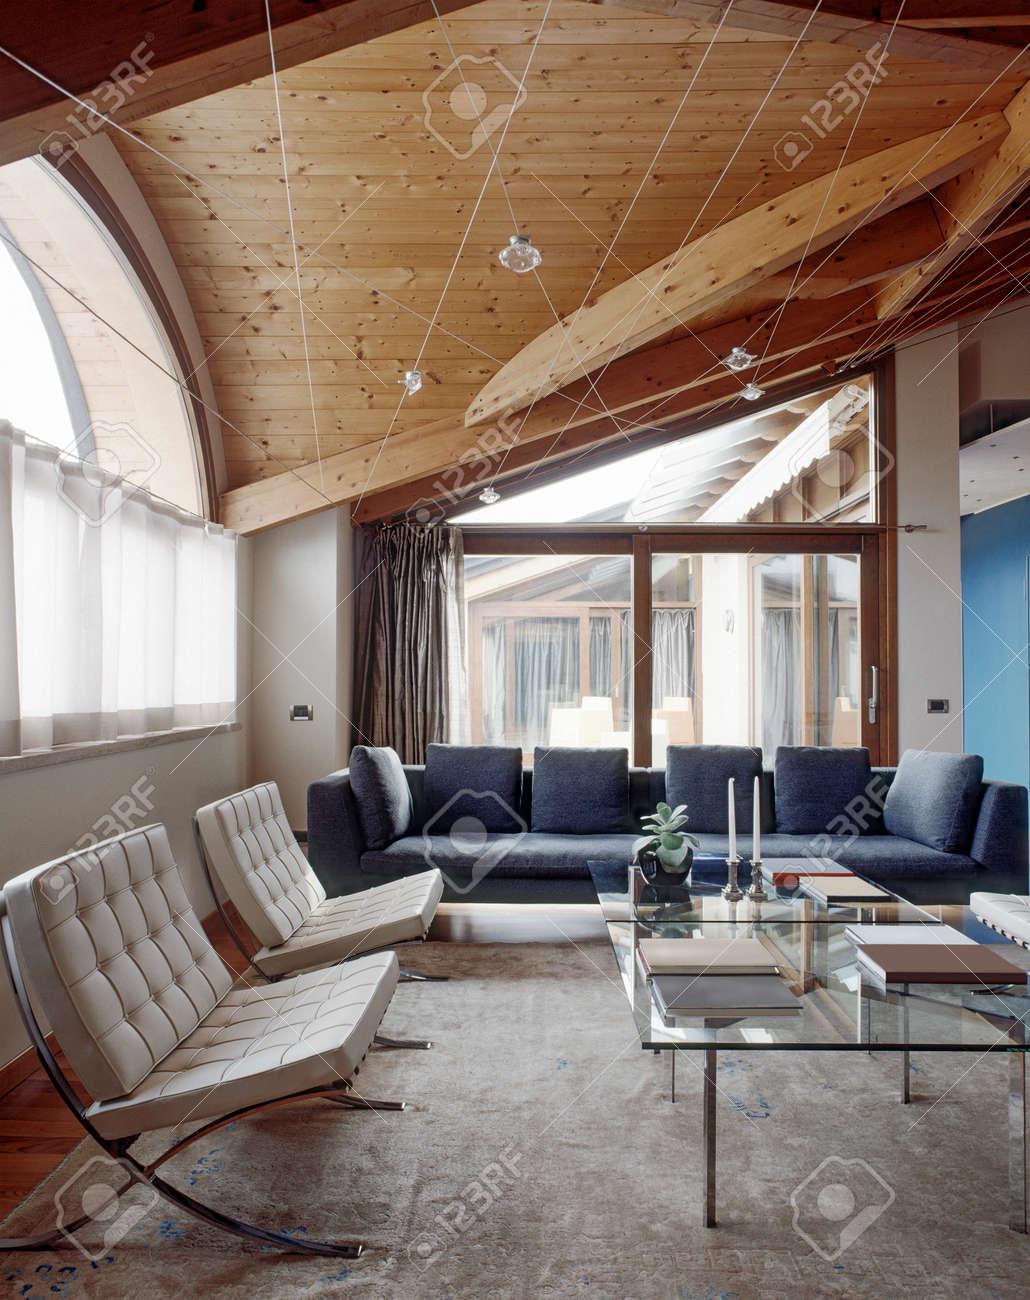 Modernes Wohnzimmer Im Dachgeschoss Mit Holzdecke Lizenzfreie Bilder